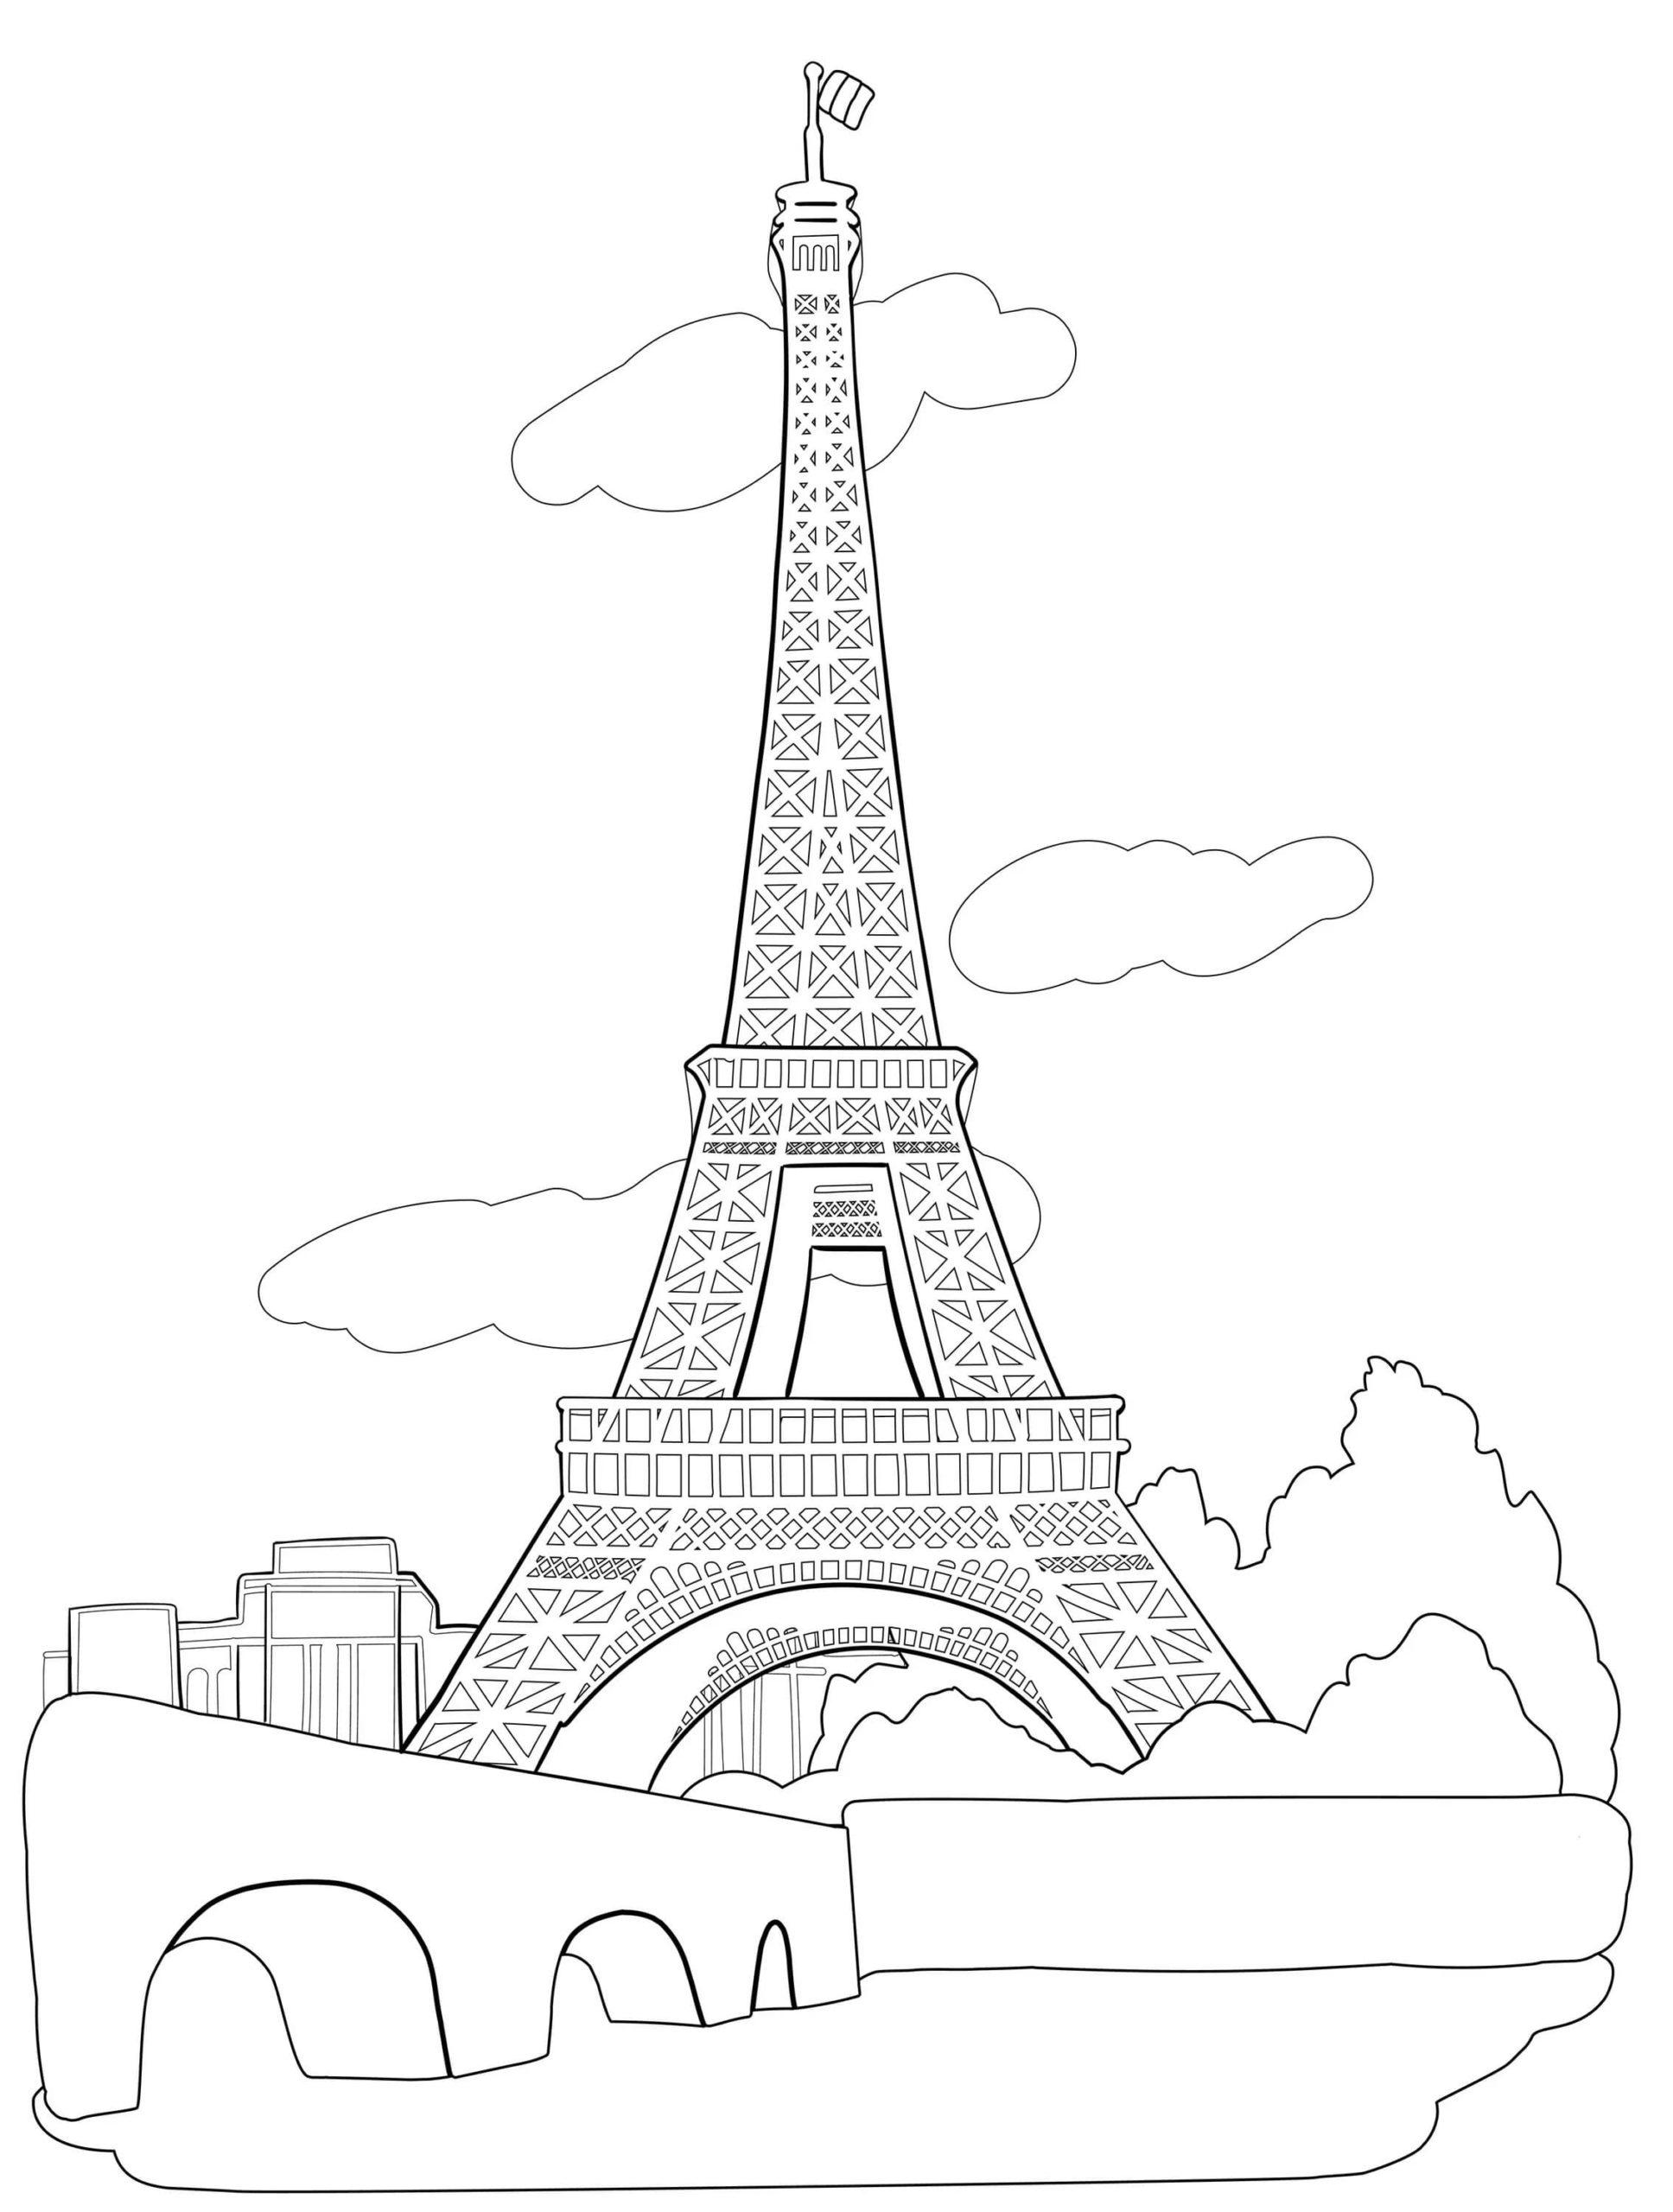 Ausmalbilder Eiffelturm  27 Malvorlagen Kostenlos zum Ausdrucken